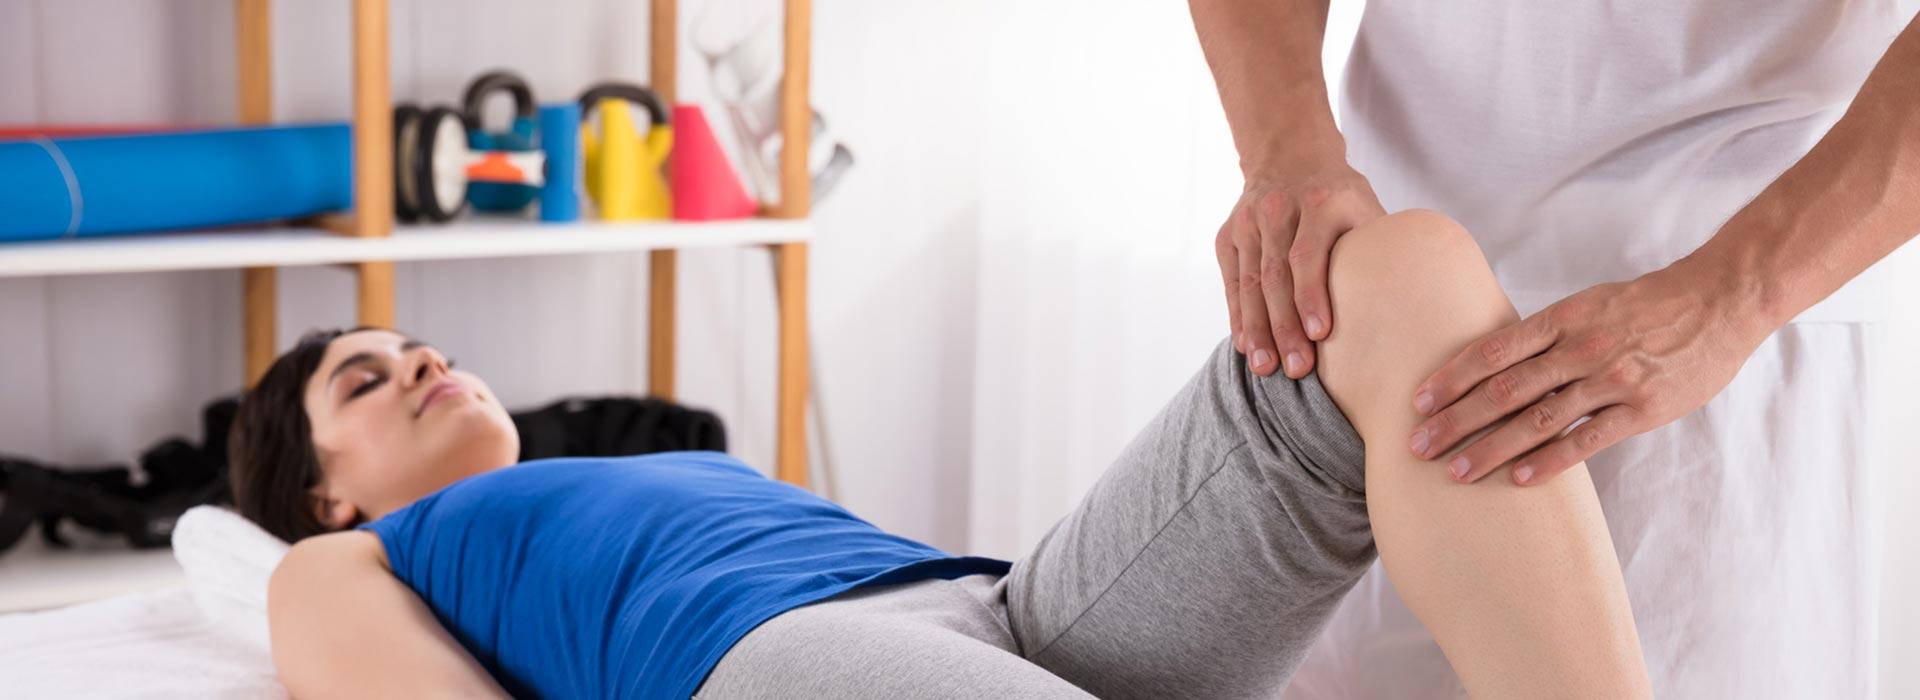 Physiotherapie bei Stefan Zoll in Landshut